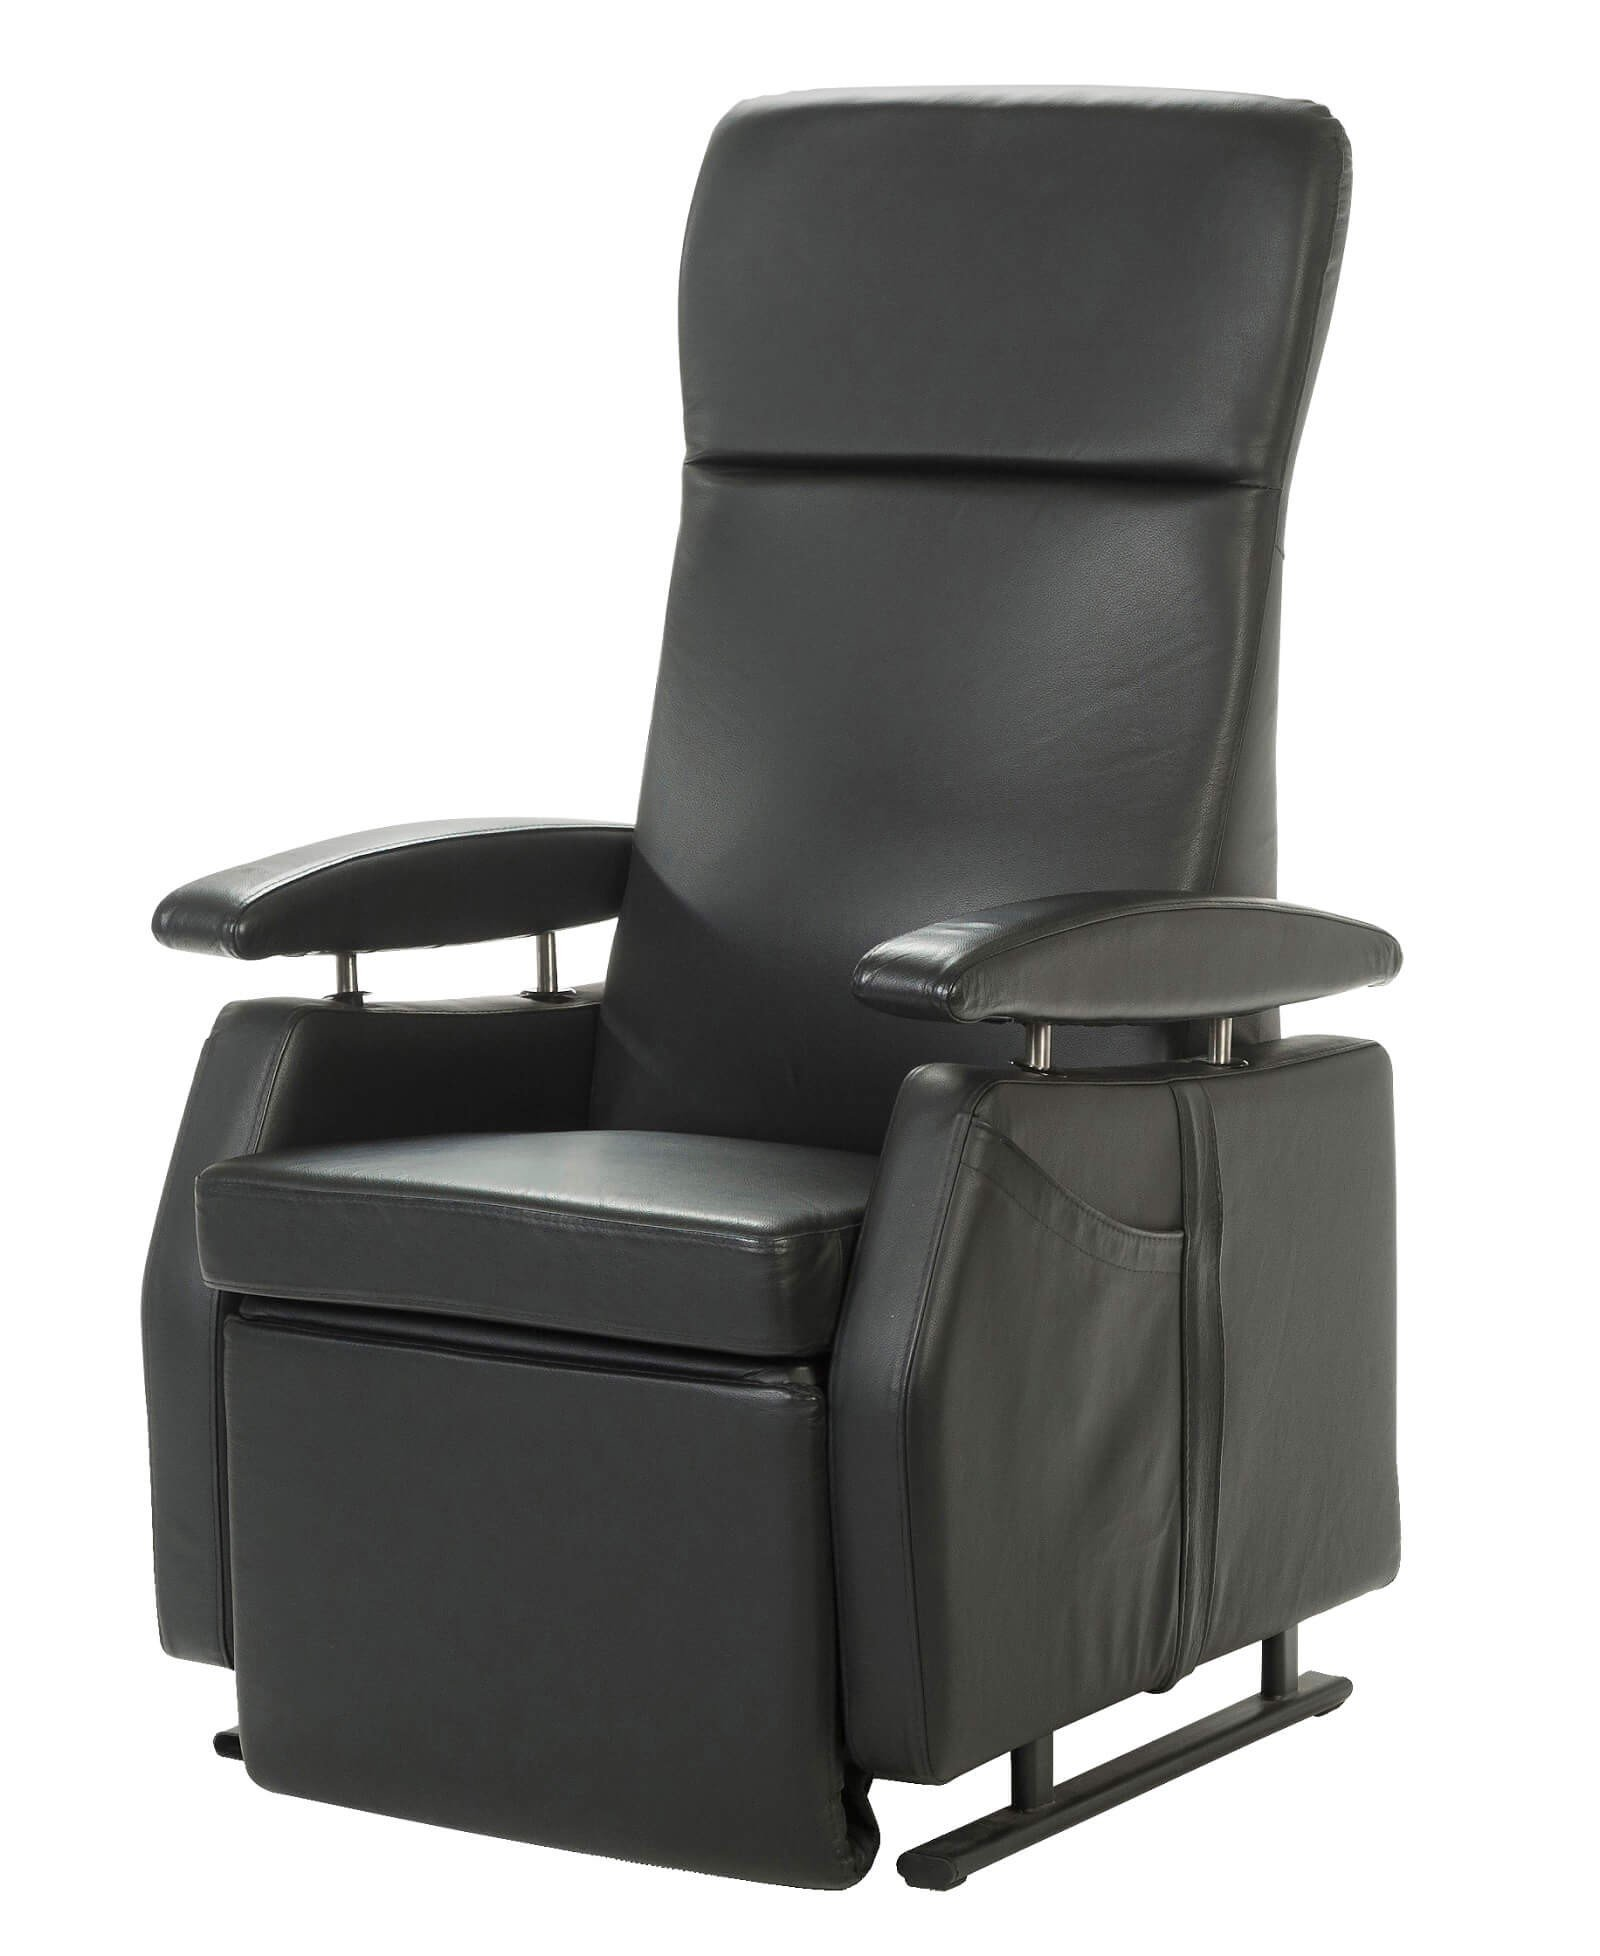 hulpmiddelen voor ouderen producten en prijslijst pagina 23. Black Bedroom Furniture Sets. Home Design Ideas